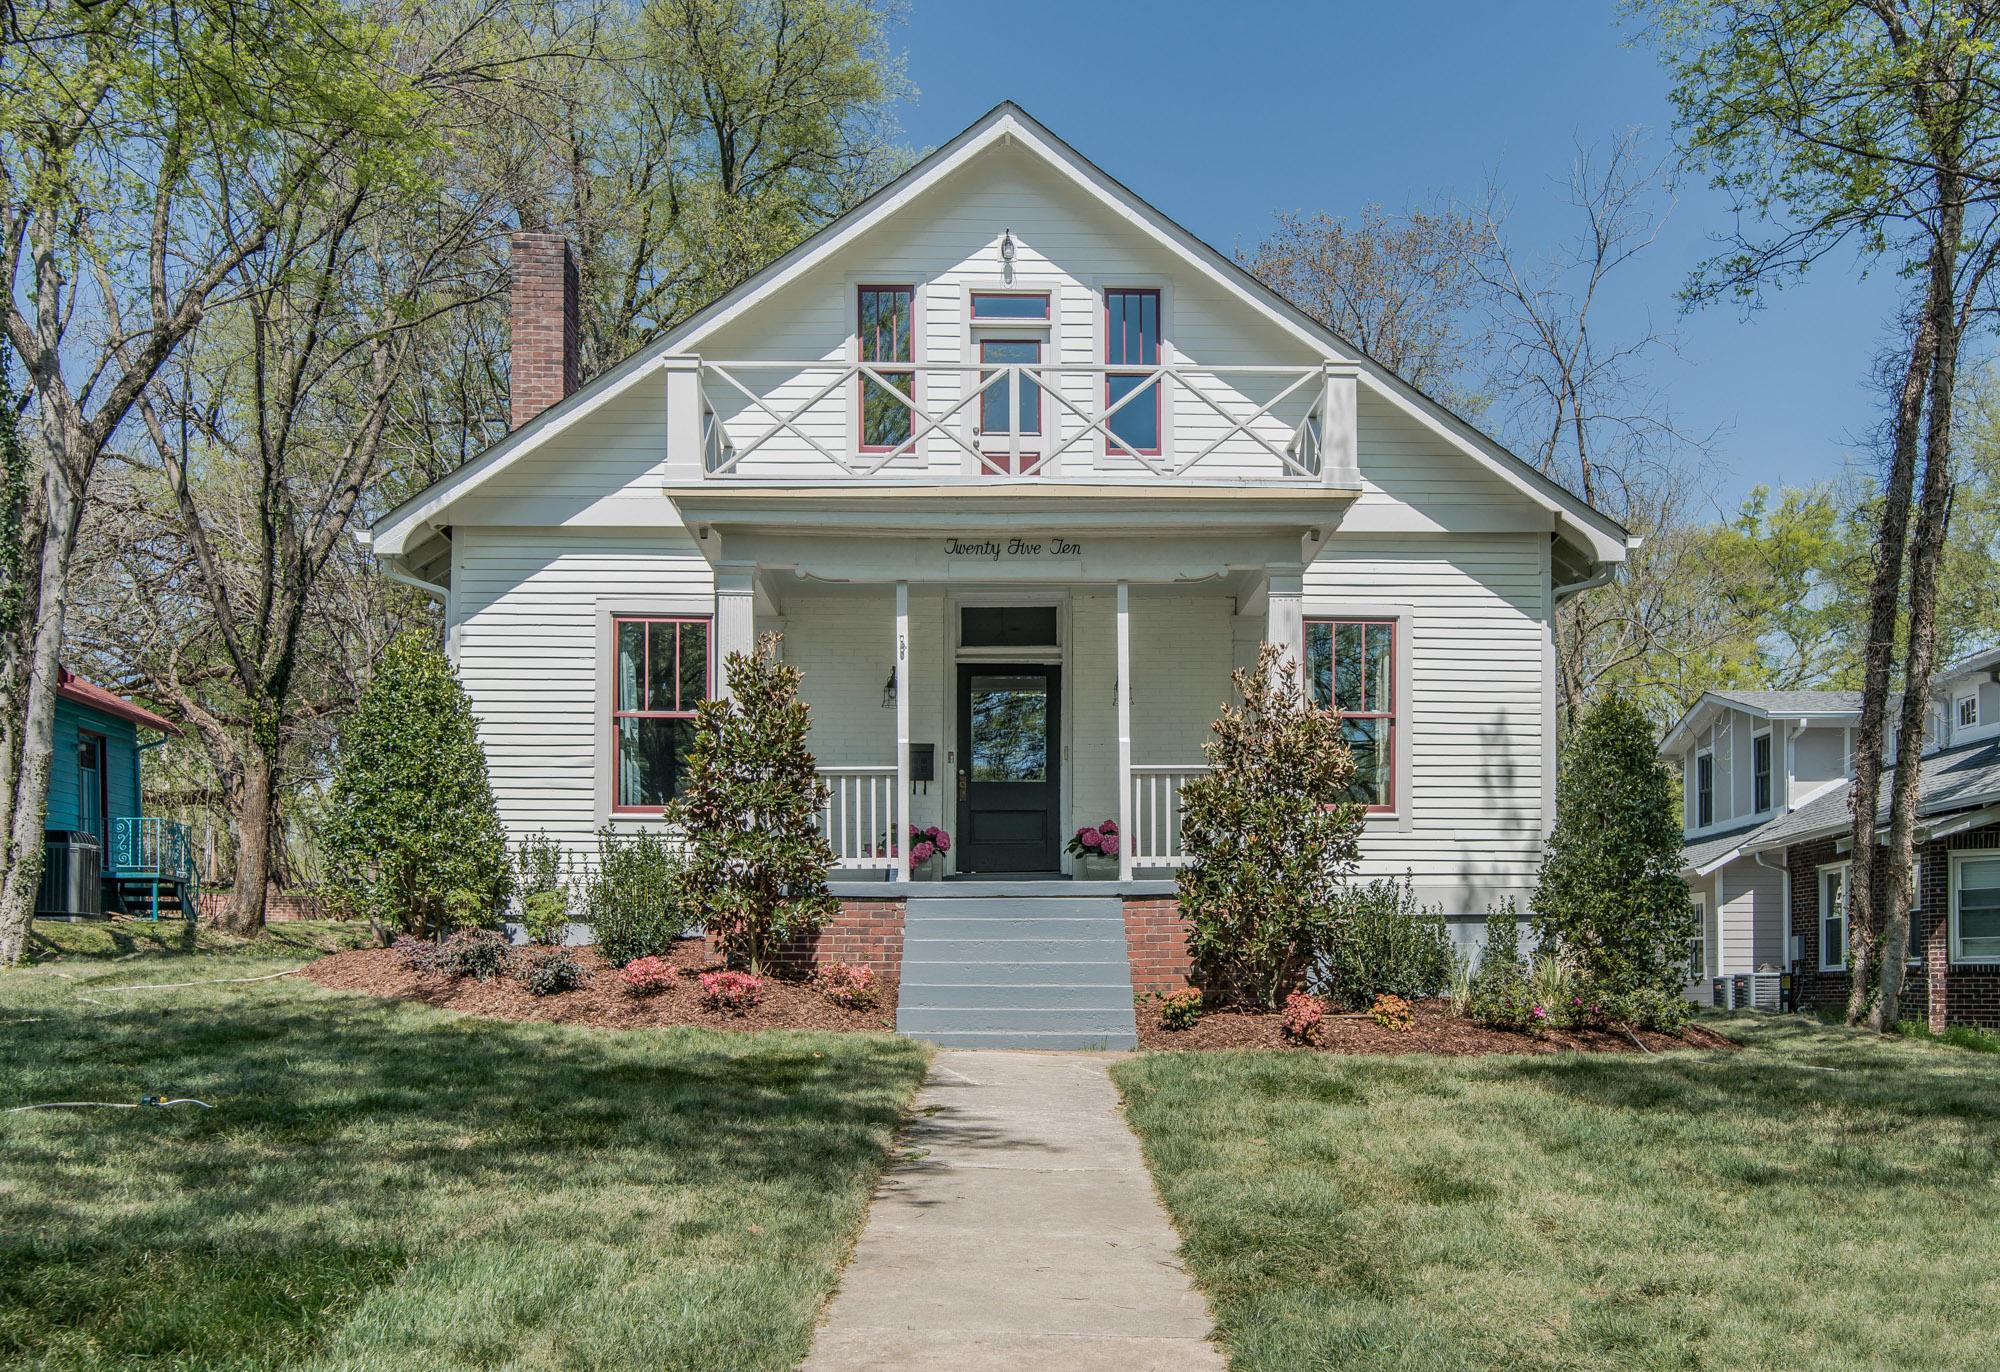 nashville-home-remodel-renovation-custom-home-tennessee-britt-development-group-1001.jpg